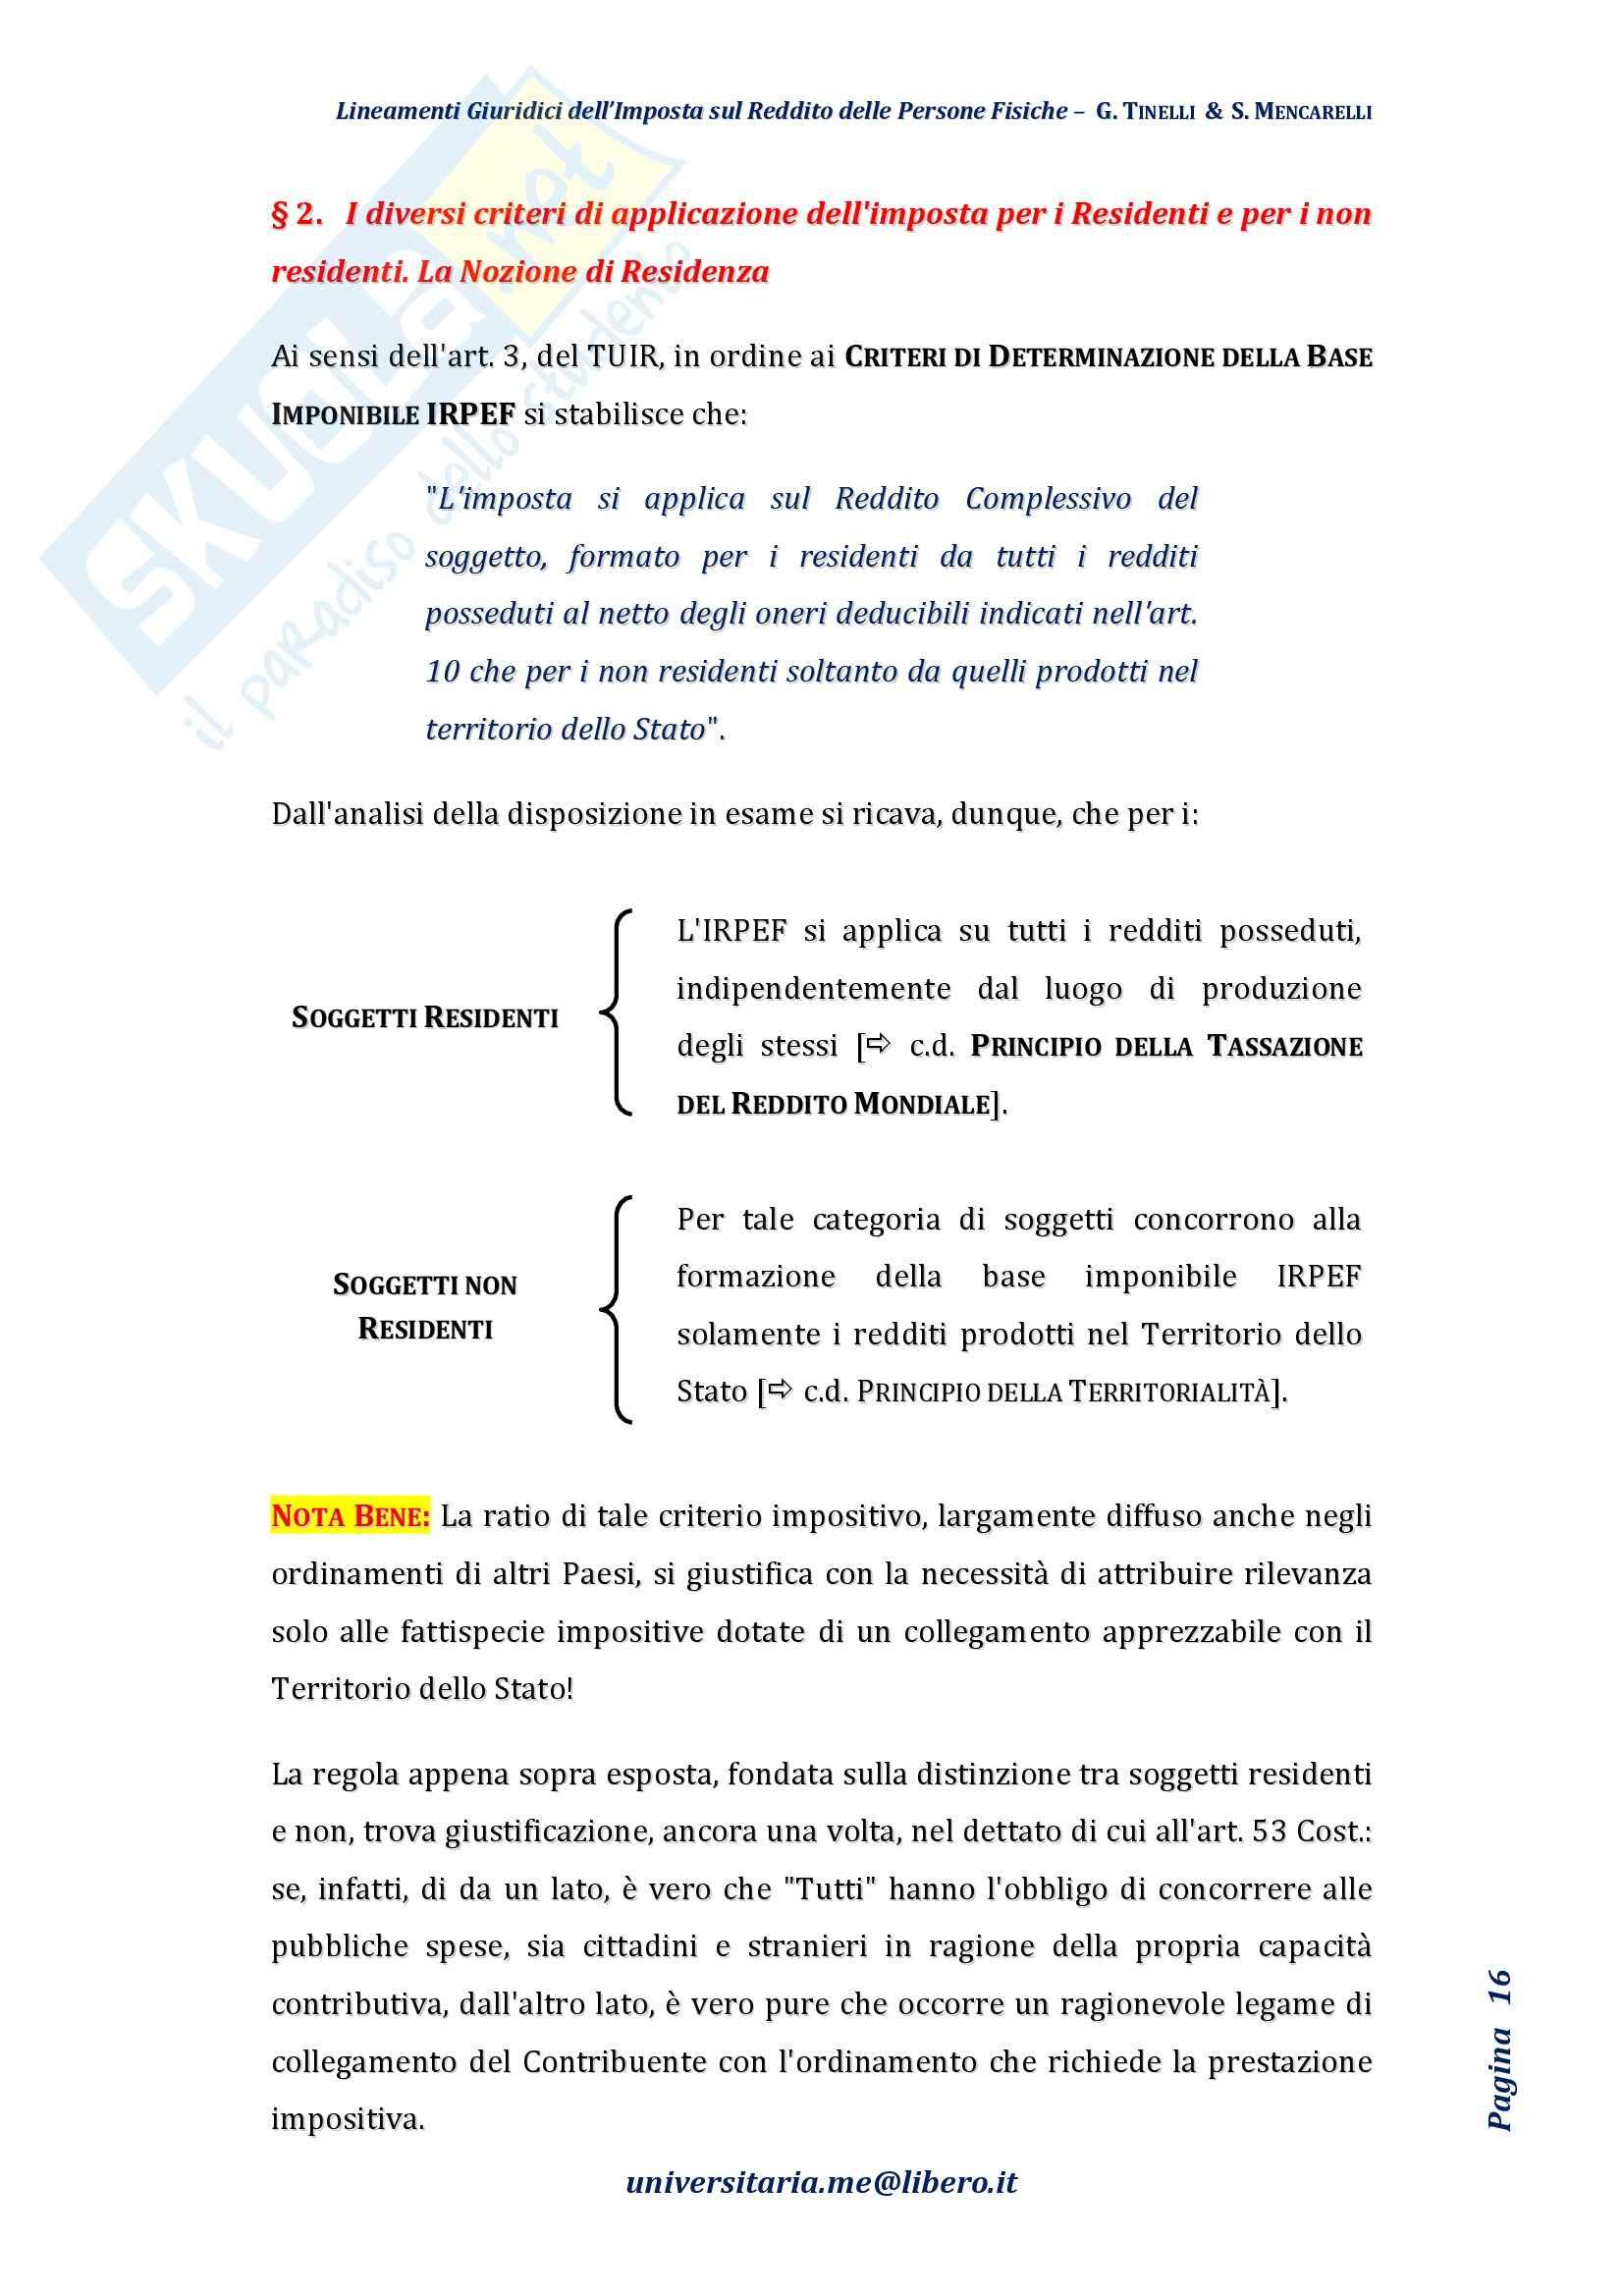 Riassunto esame Diritto Tributario, Prof. Tinelli, libro consigliato: Lineamenti giuridici dell'imposta sul reddito delle persone fisiche, Tinelli, Mencarelli Pag. 16